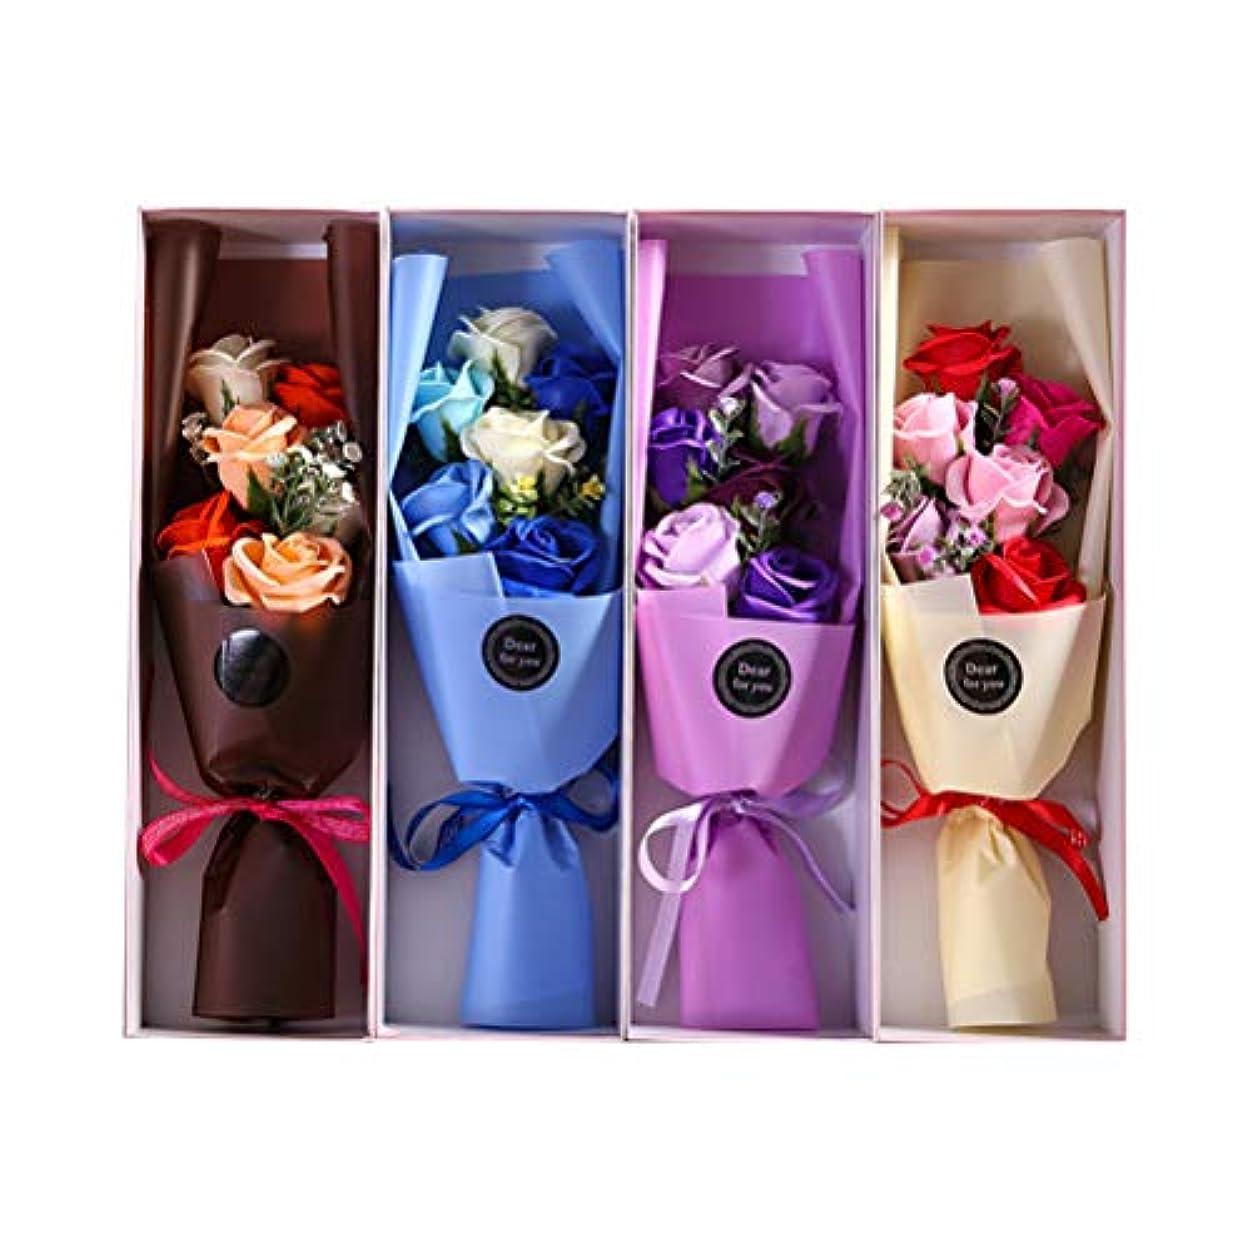 恩恵テープ指BESTOYARD 6PCS石鹸の花びら人工石鹸の花のバラのギフトボックスカップルバレンタインデーのプレゼント(ランダムカラー)